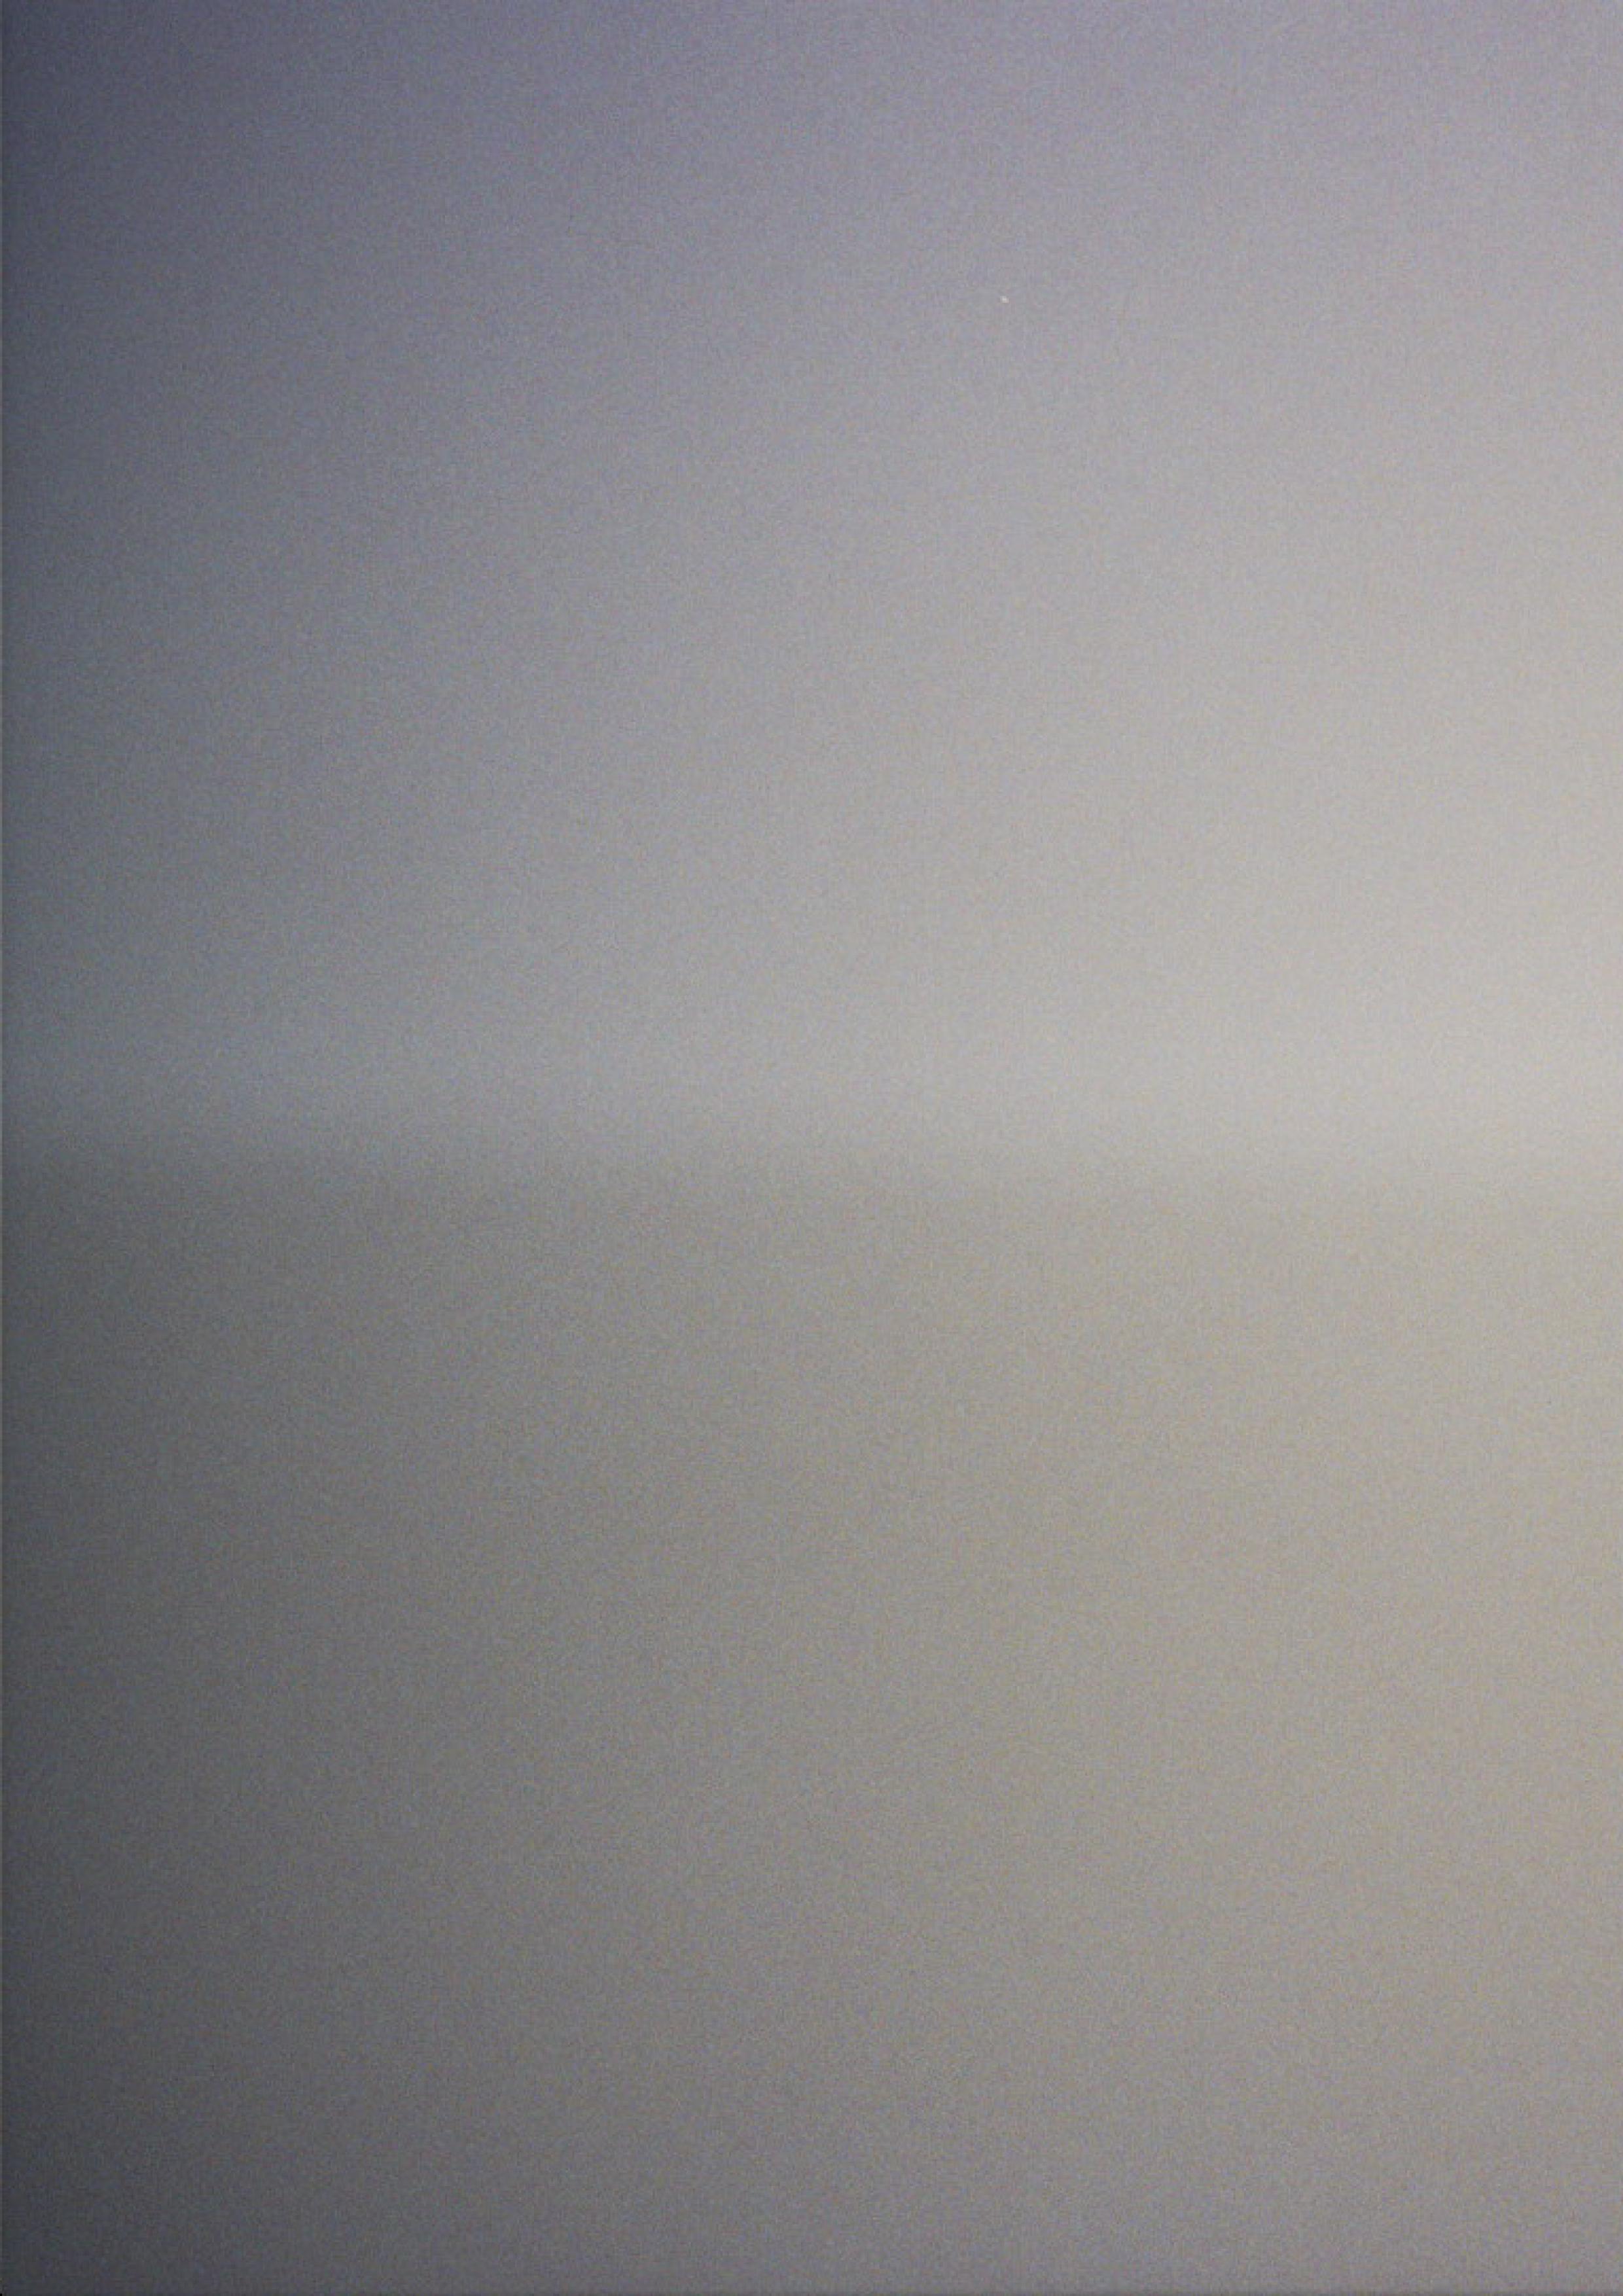 Adrien Degioanni-VOIESINTERIEURES-photog